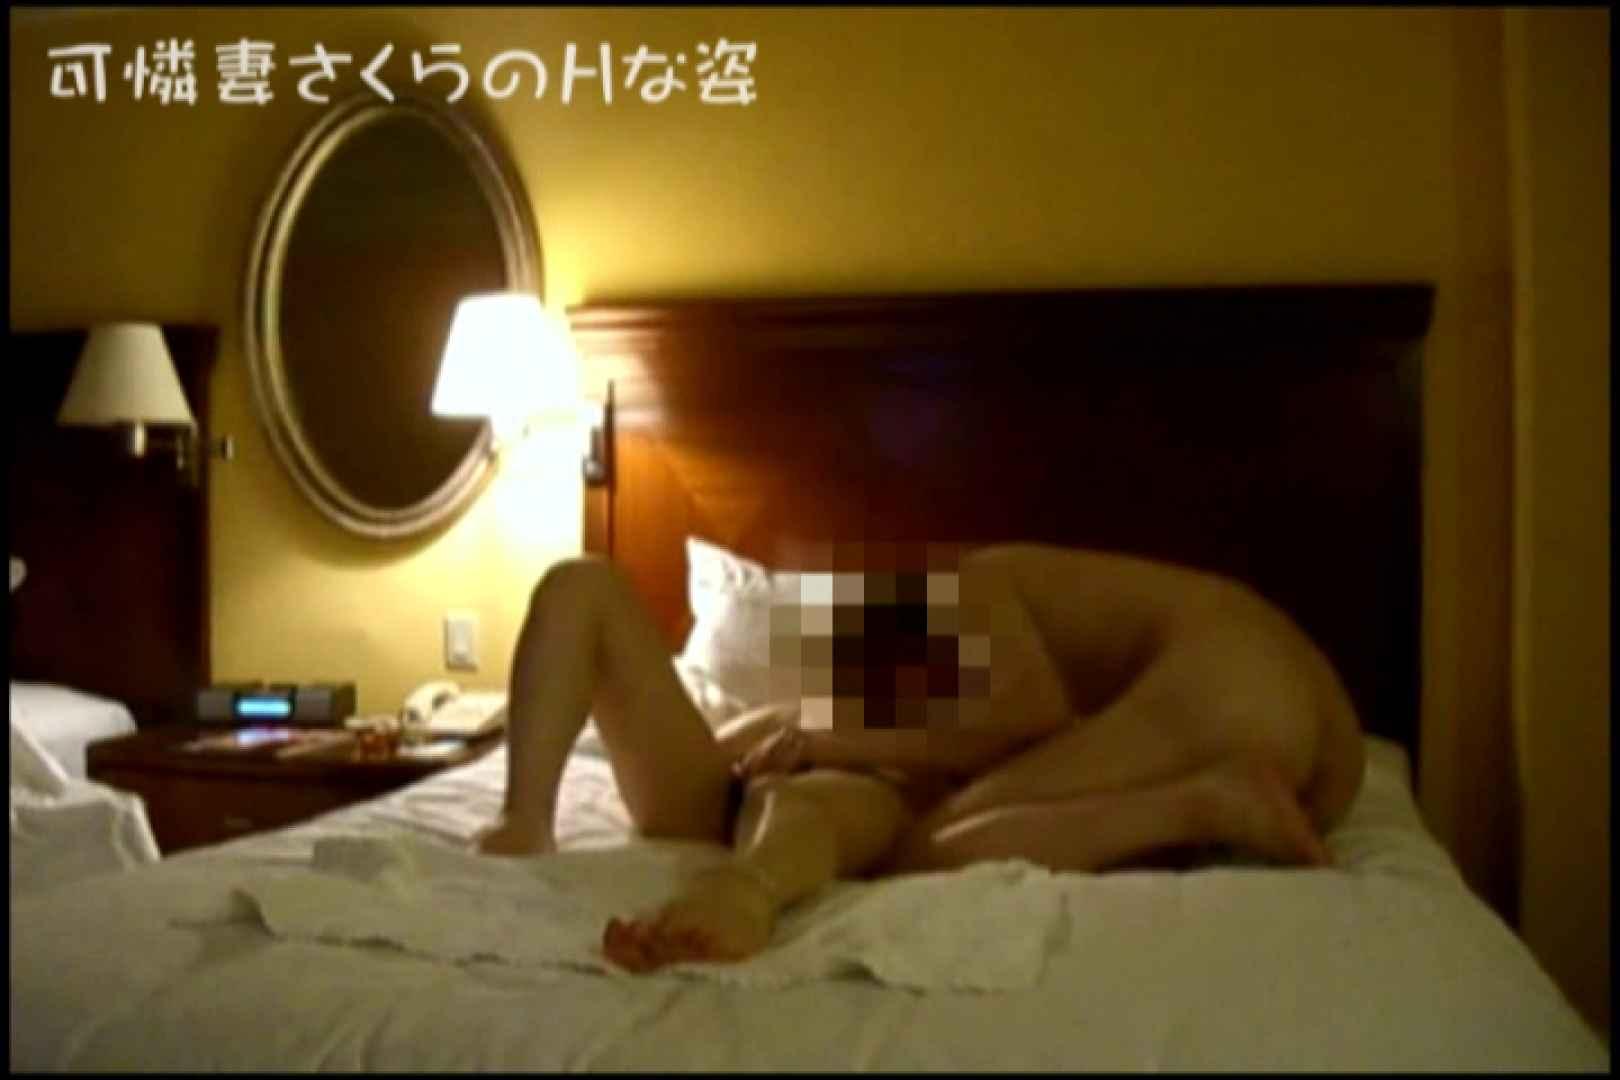 可憐妻さくらのHな姿vol.8 おっぱい大好き ワレメ無修正動画無料 102pic 7